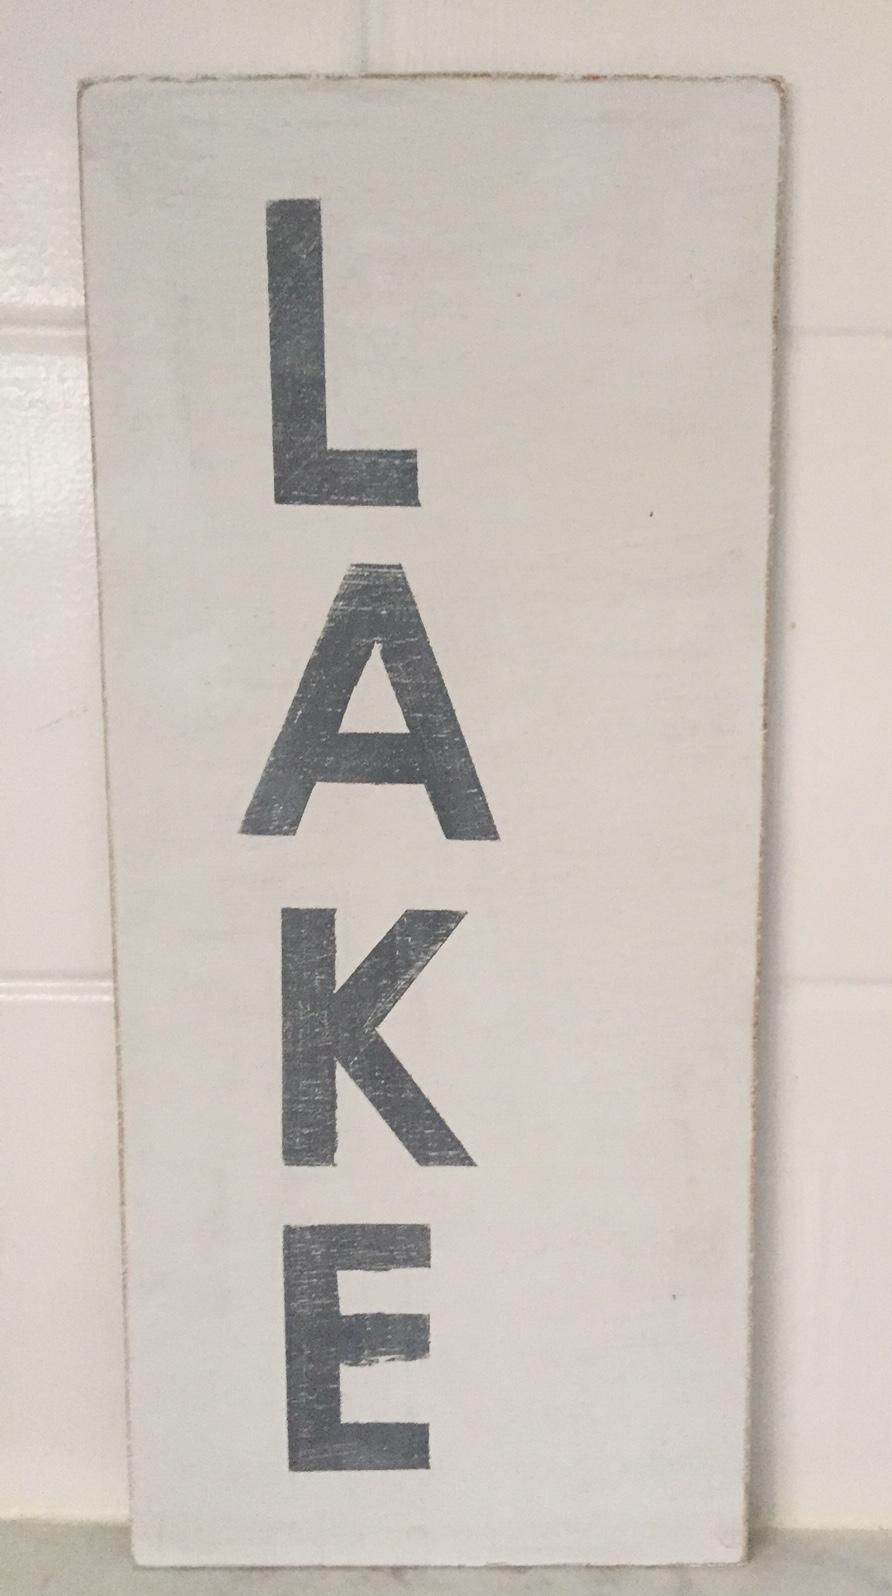 'LAKE' Sign